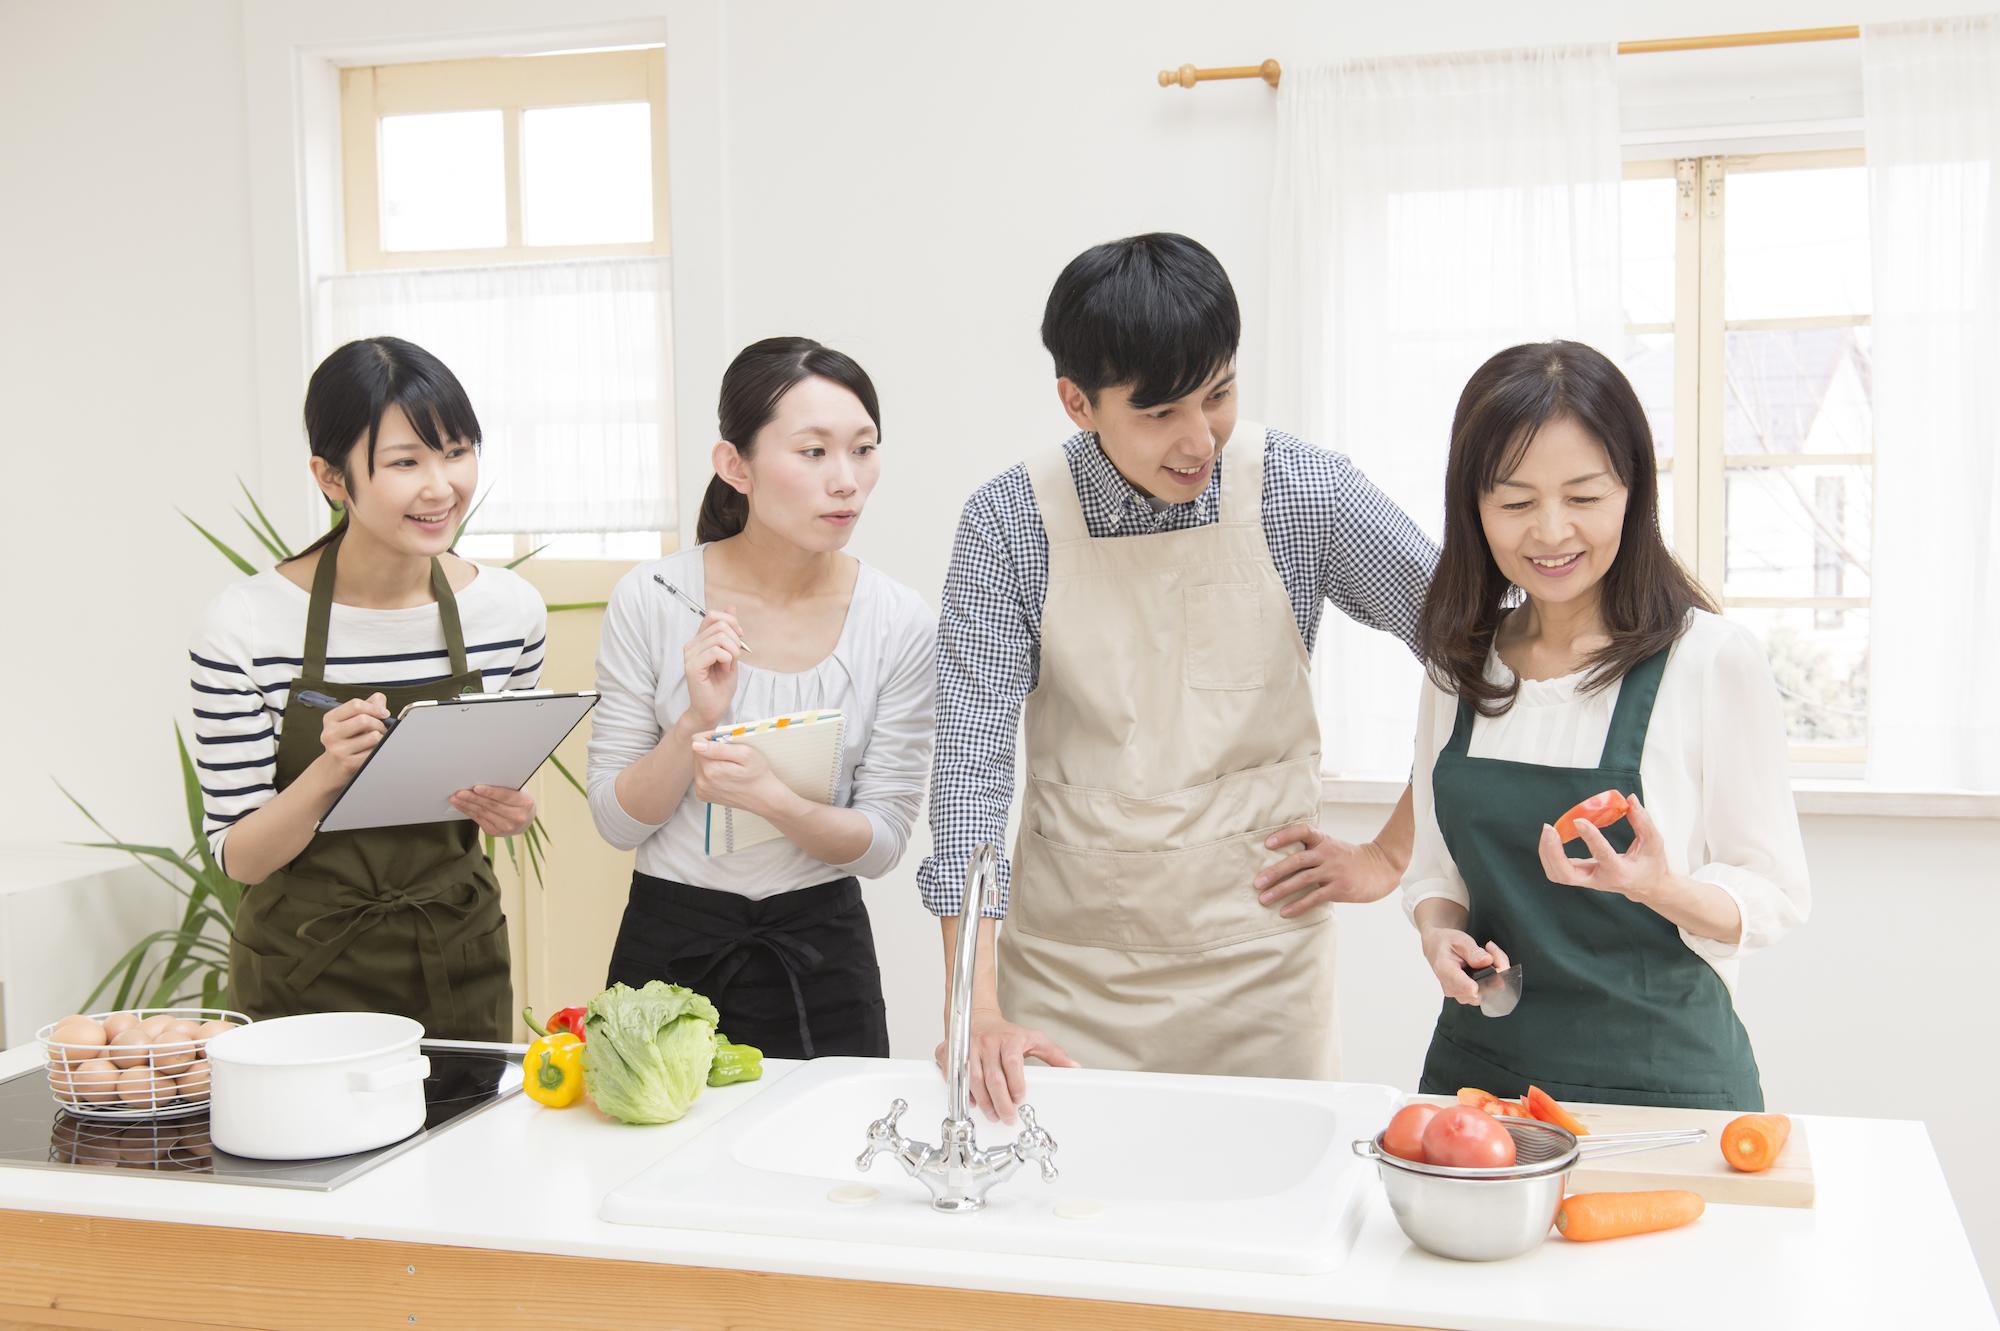 完全少人数制なので、フォロー体制も万全 ほどよくゆるい料理教室